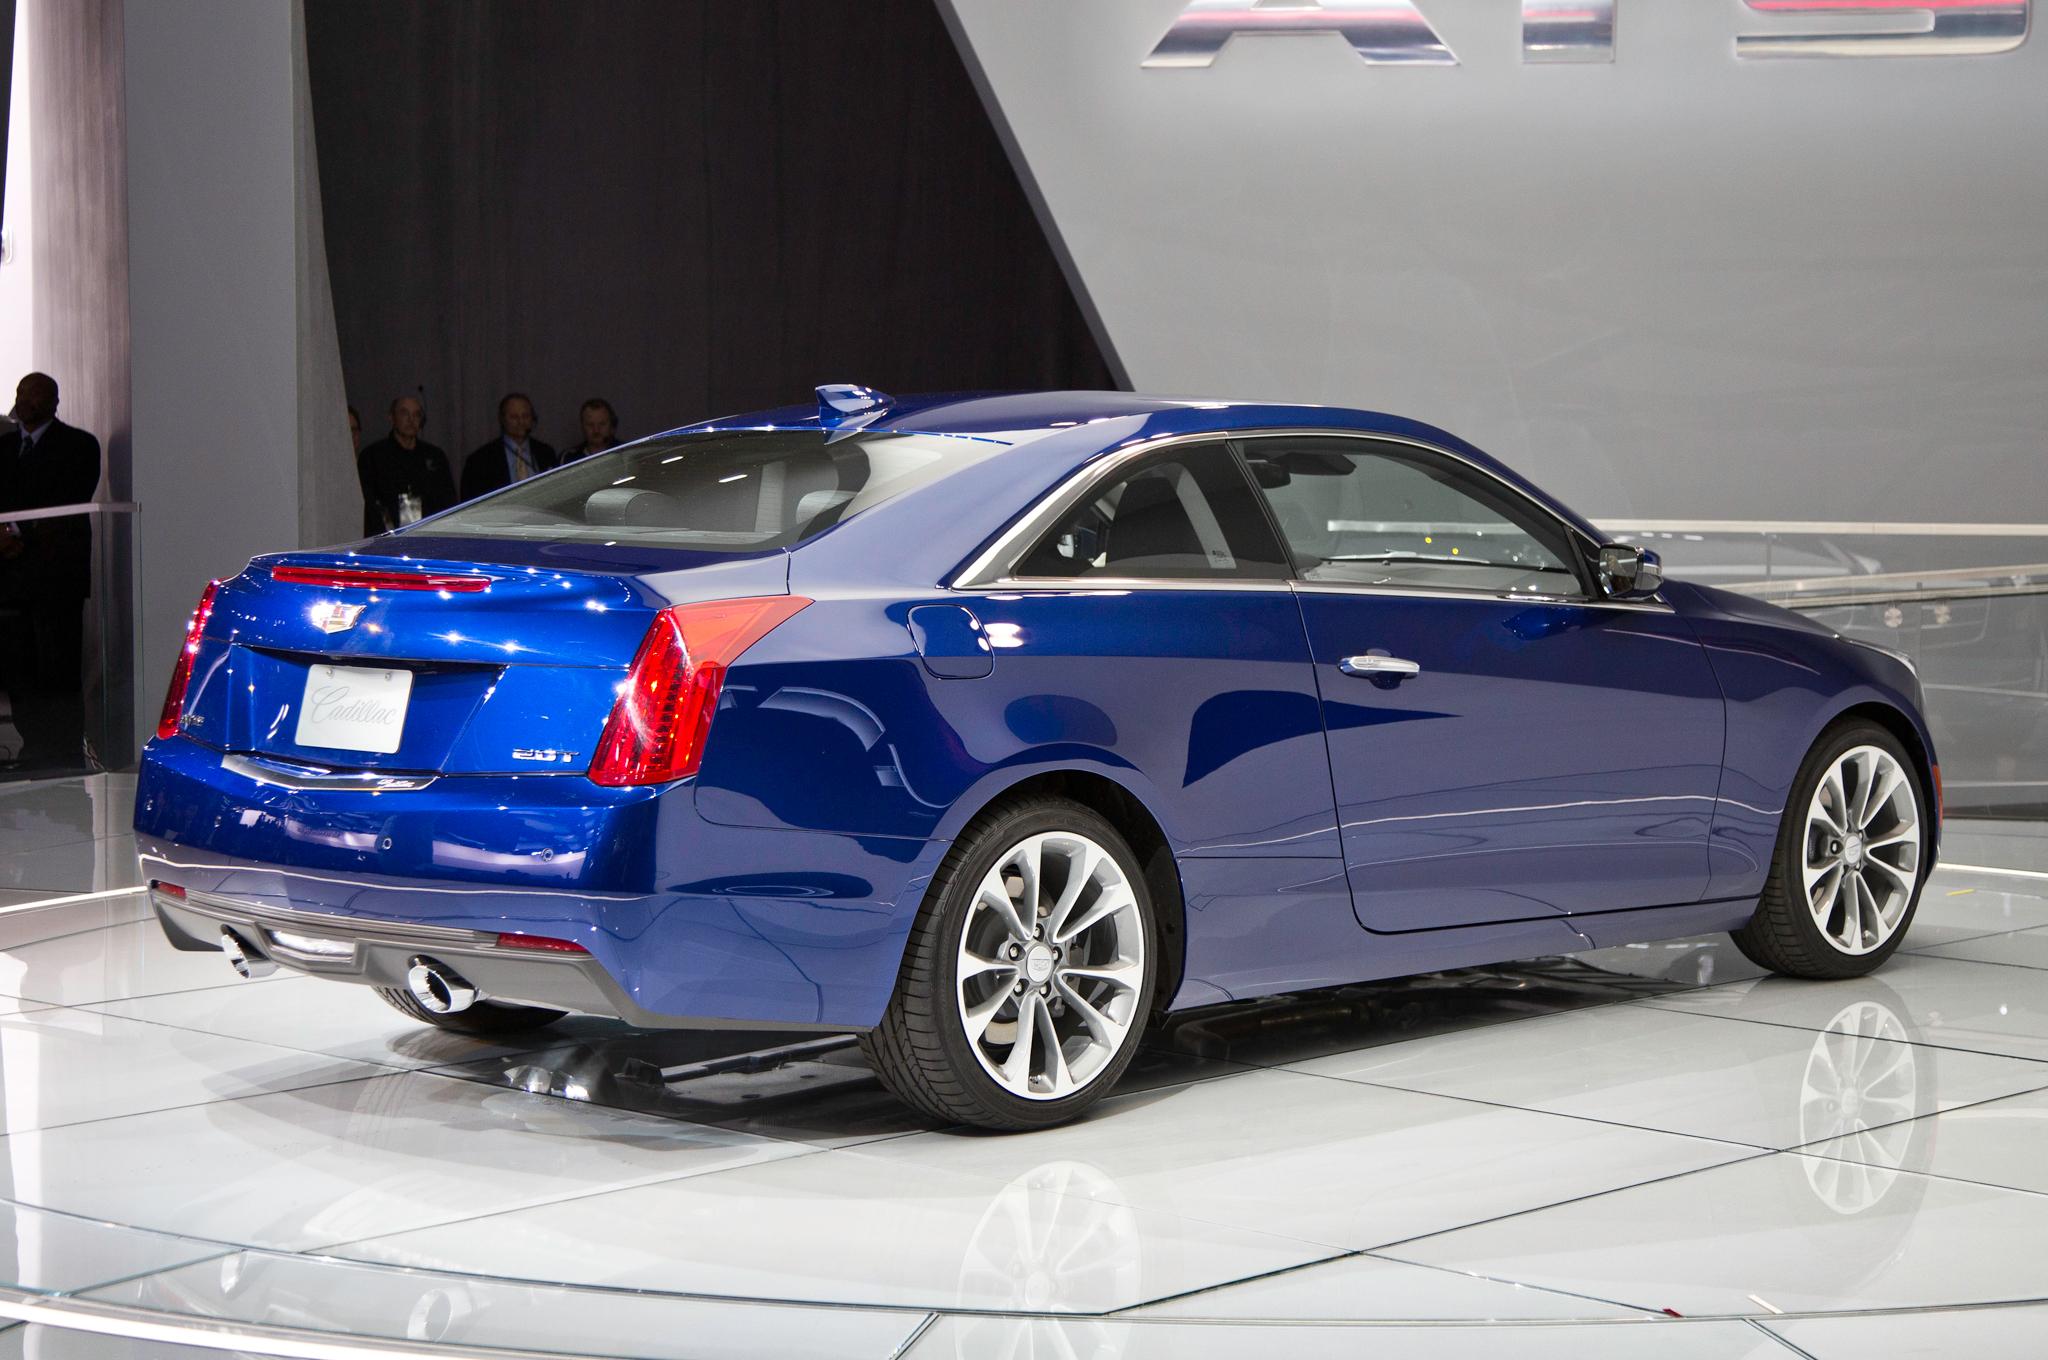 2015 Cadillac ATS Coupe Rear Design